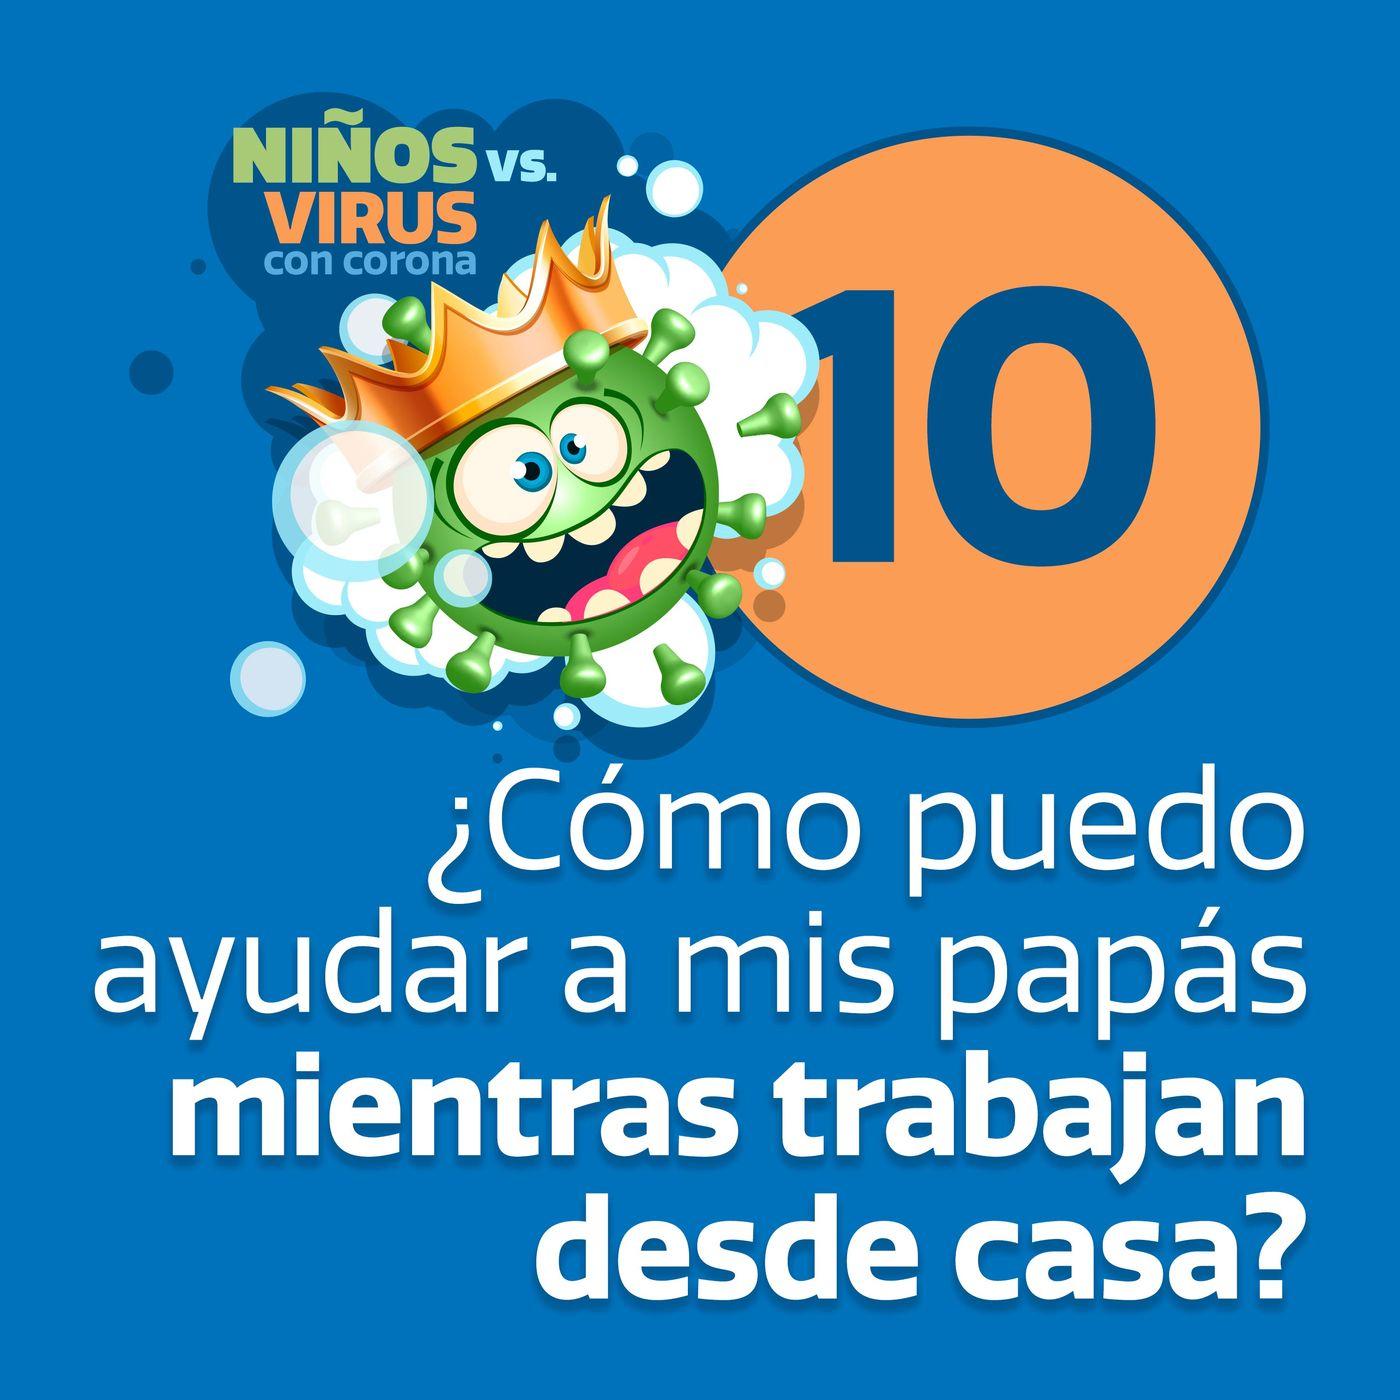 Día 10: Un nuevo universo   ¿Cómo puedo ayudar a mis papás mientras trabajan desde casa?